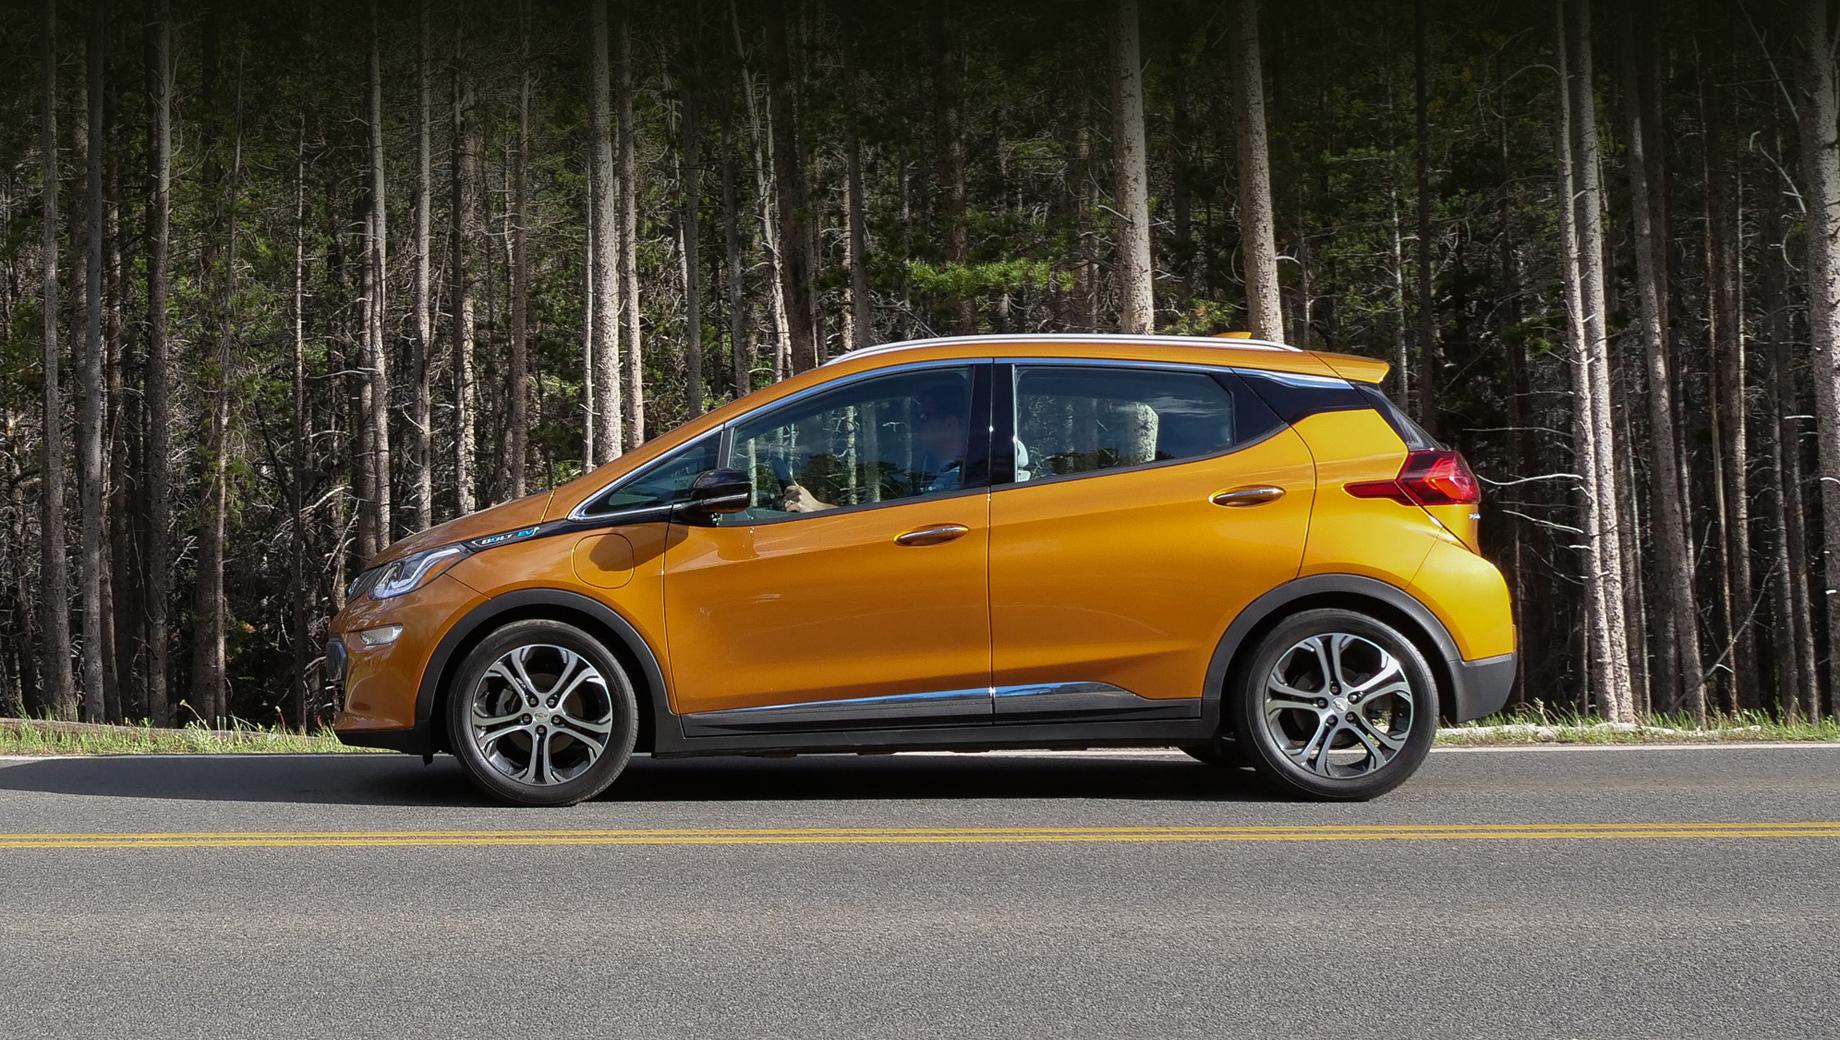 Chevrolet Bolt раскрылся во время рекламной съёмки